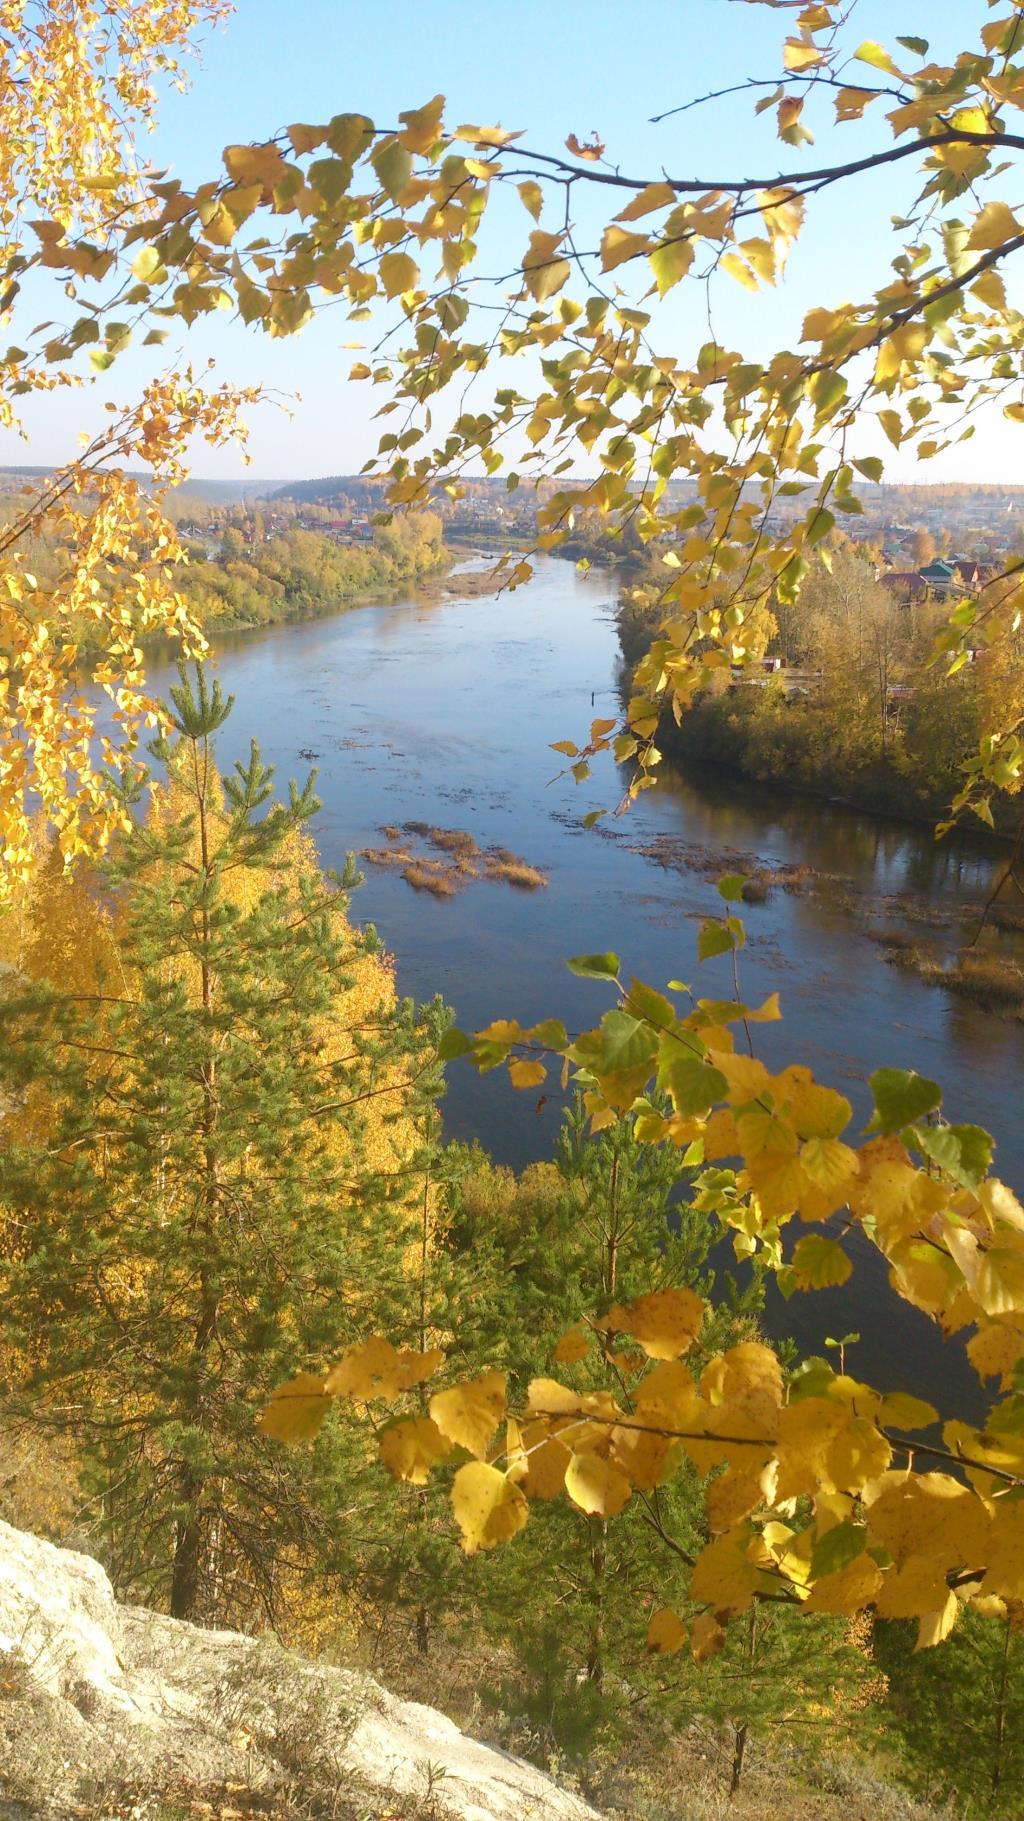 Осень на Урале. Блиц: осенний пейзаж